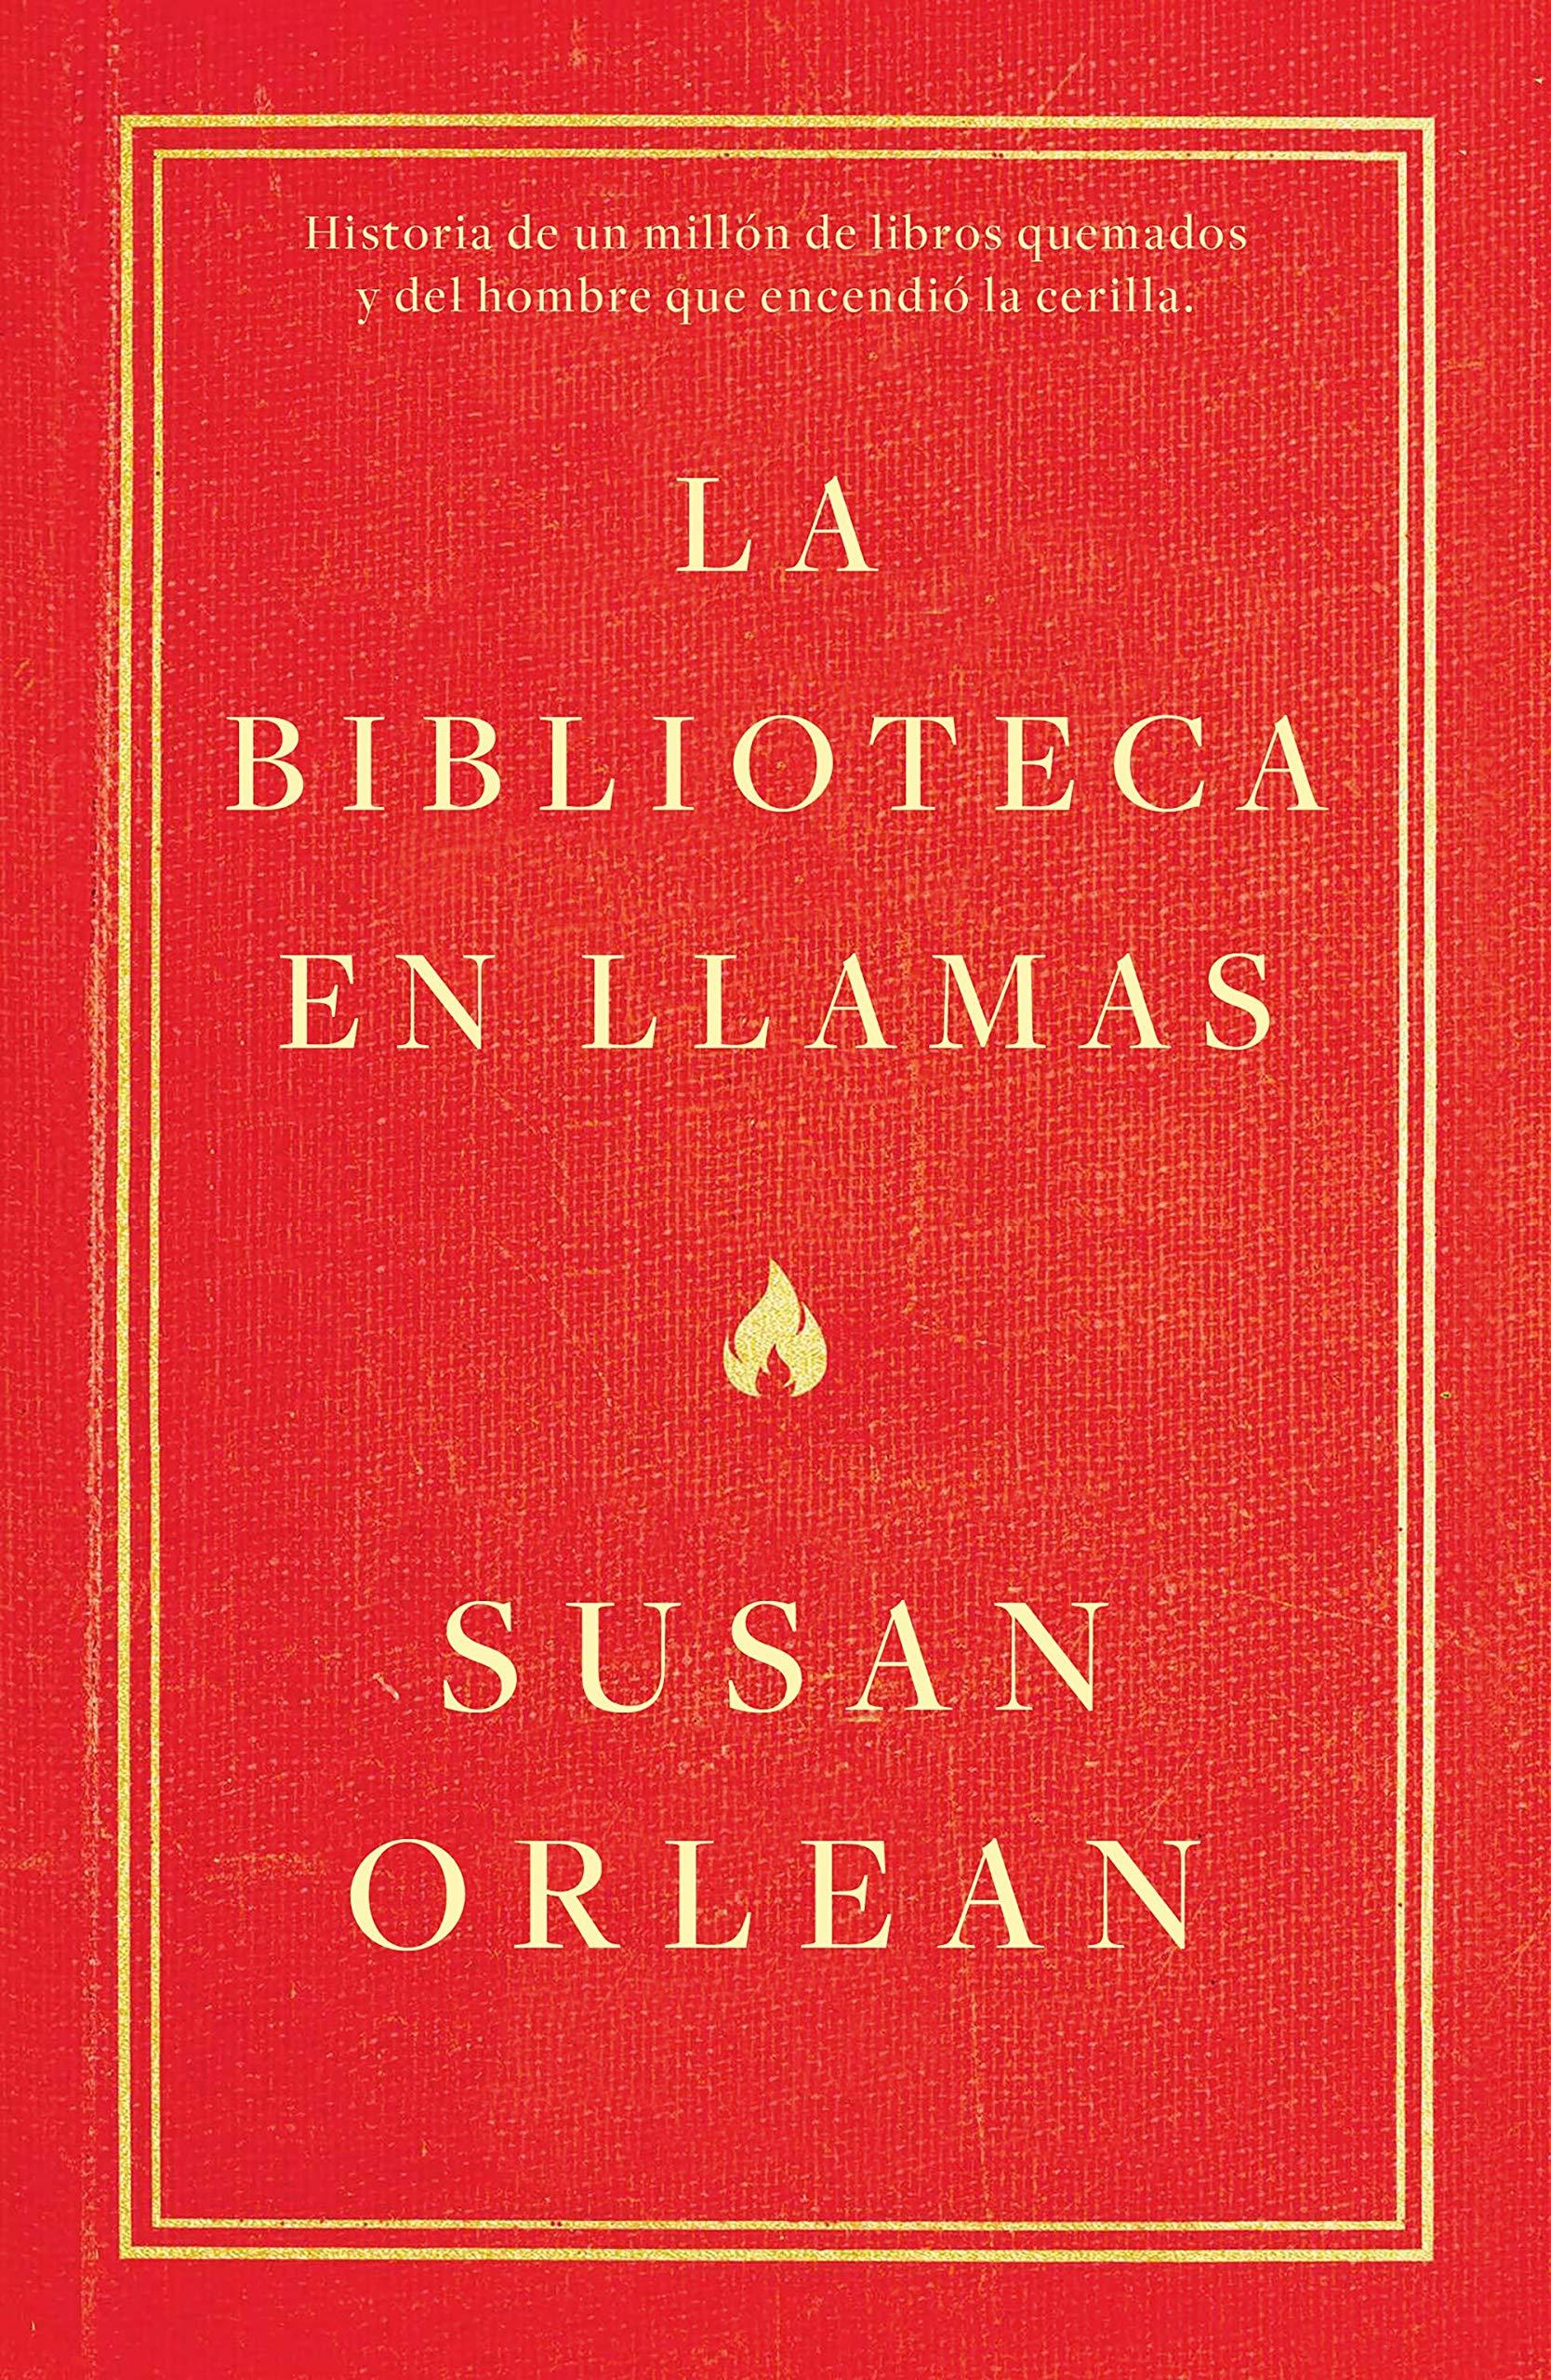 La biblioteca en llamas: Historia de un millón de libros quemados y del hombre que encendió la cerilla (temas de hoy)